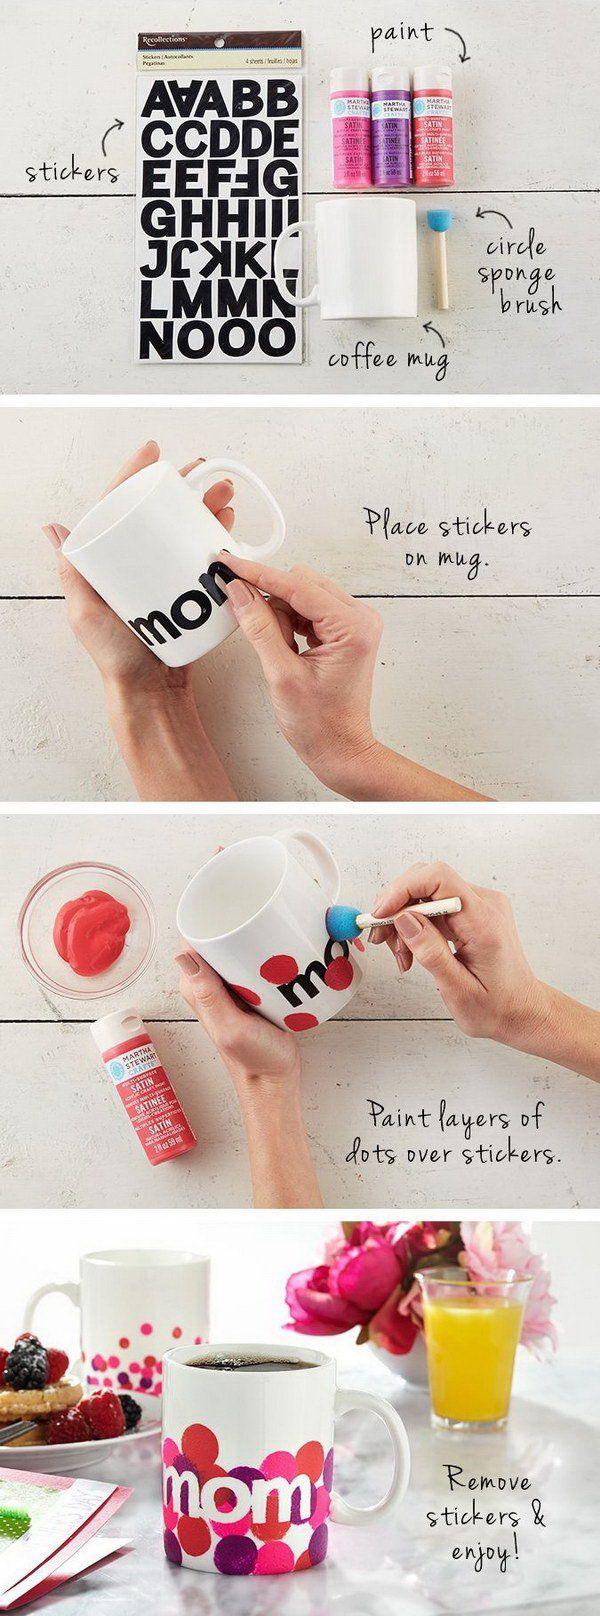 DIY Personalized Mugs u MUGS and Glasses Pinterest Craft